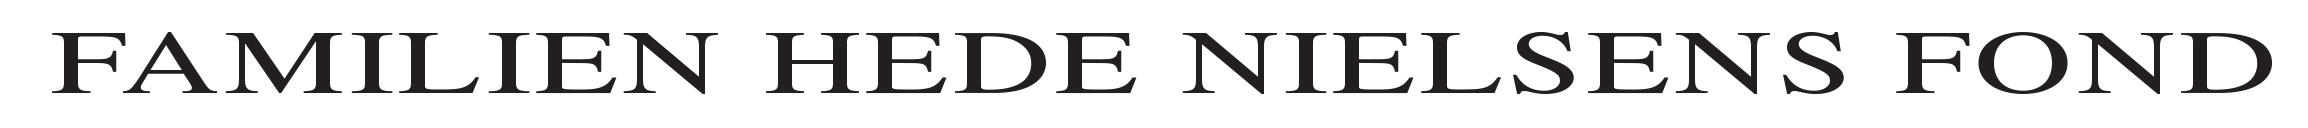 Hede Nielsen.jpg